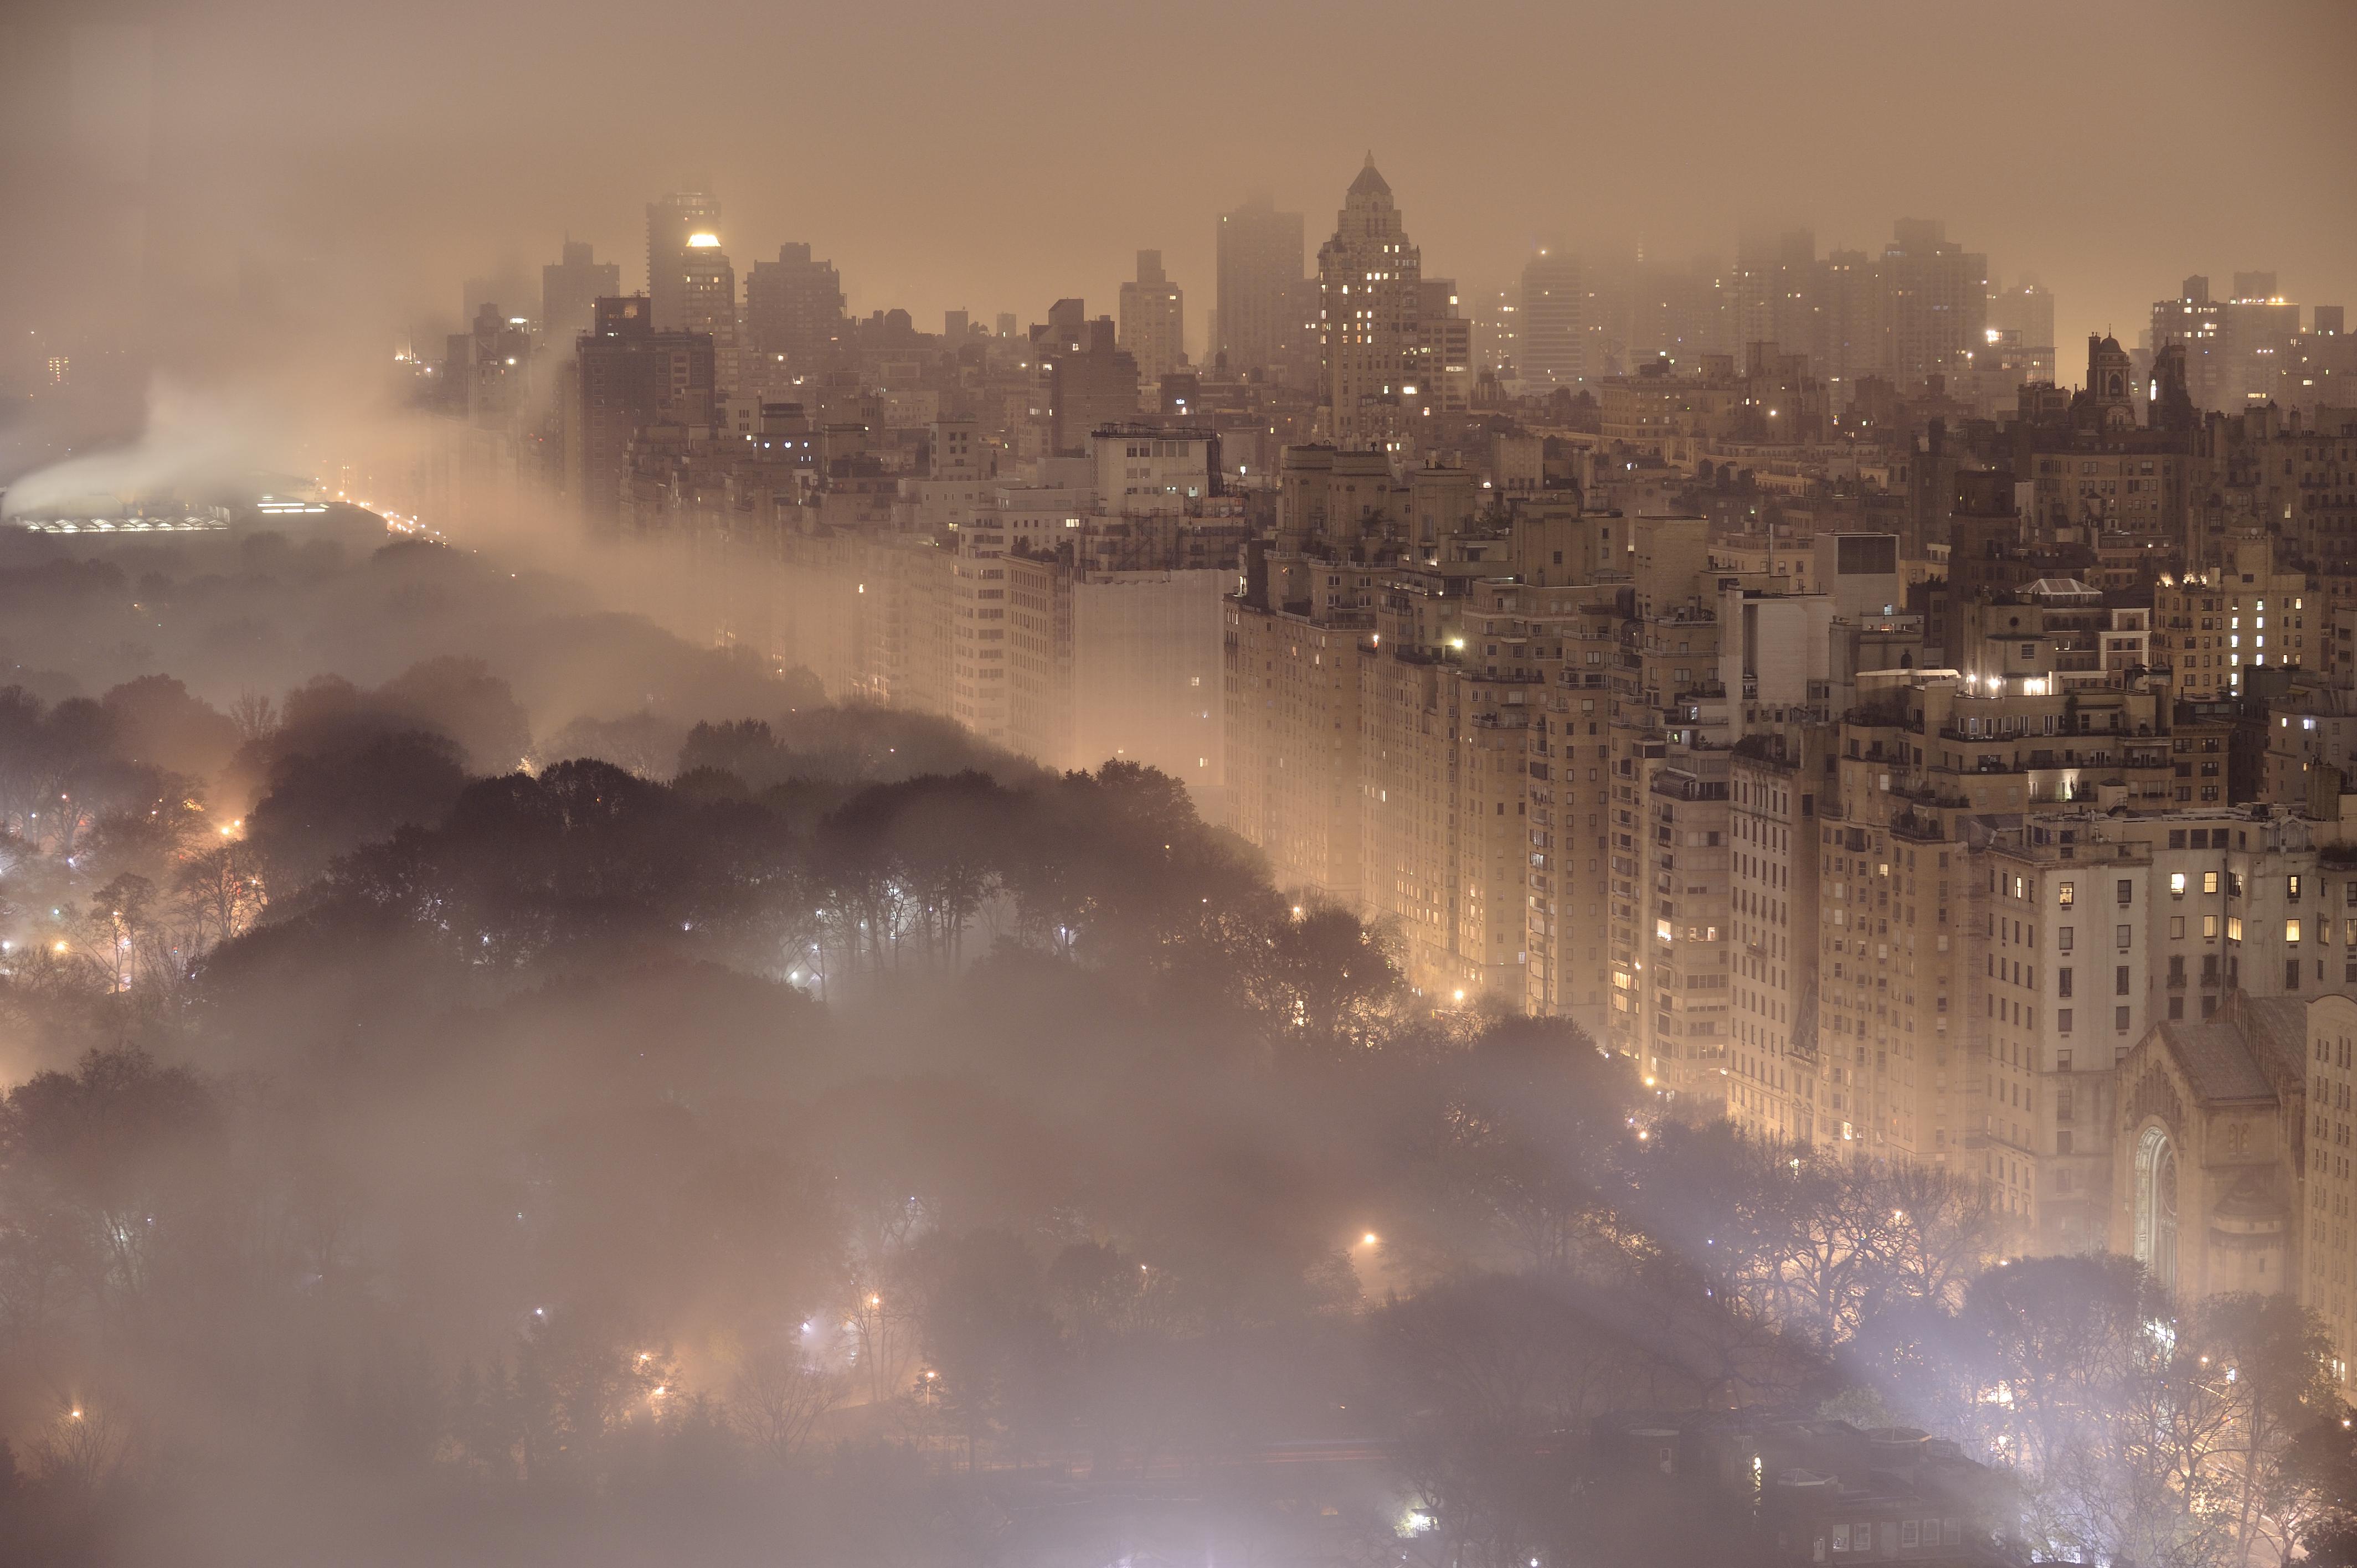 свет ночного города тает на земле - 3